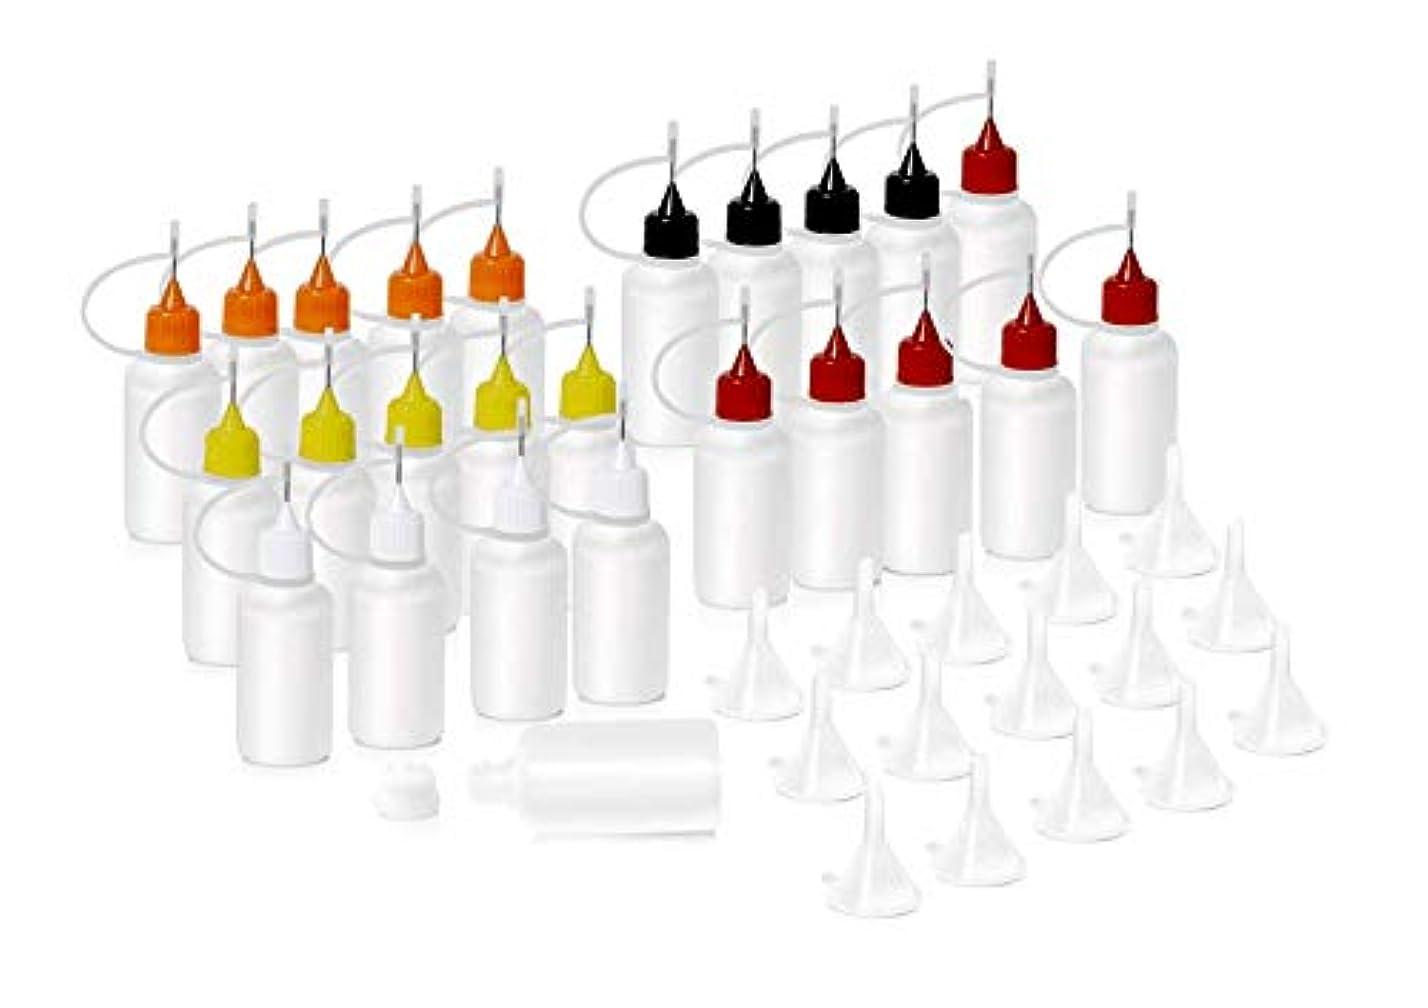 協力する誕生部分的にHNYYZL 針付き スポイトボトル プラスチック製 電子タバコ 詰め替え容器 液体 貯蔵用 ニードルチップ付 25书漏斗15必备空瓶用于电子烟液体注射